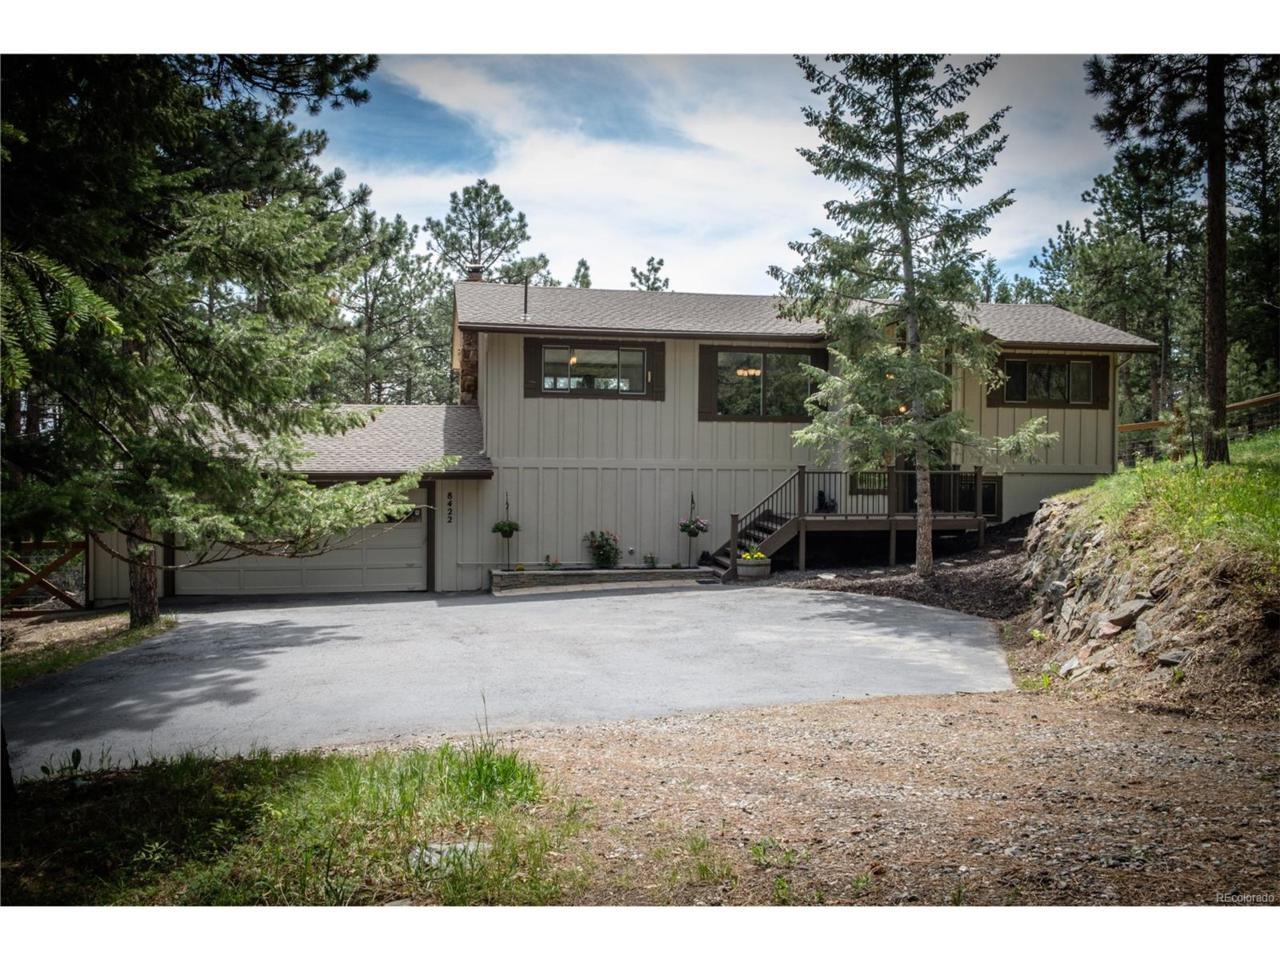 8422 S Ault Lane, Morrison, CO 80465 (MLS #3253008) :: 8z Real Estate